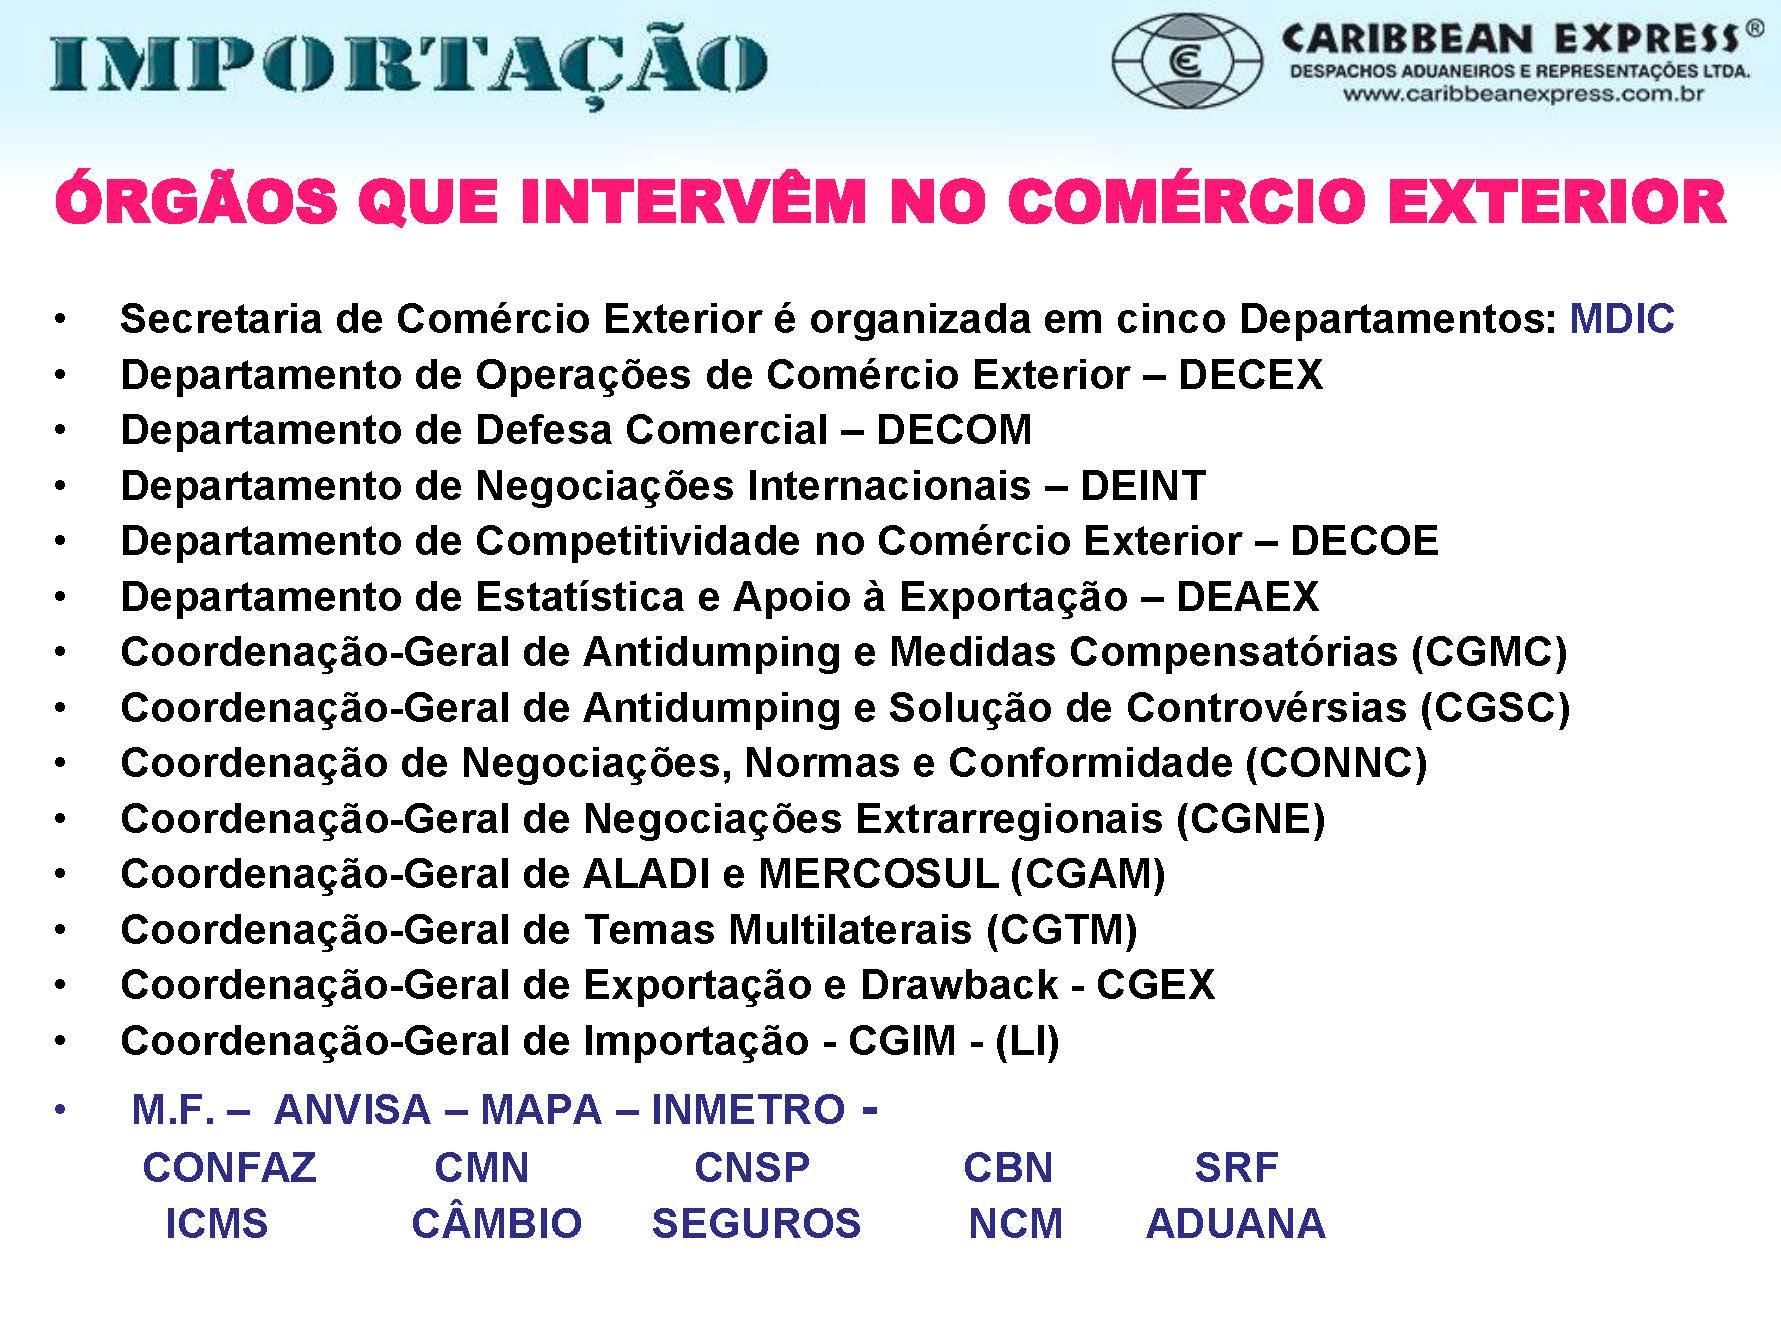 Todos os Ministérios que têm ingerência no comércio exterior   é delegada competência para administrar a área de atuação, o mais importante é o Ministério do Desenvolvimento, Indústria e Comércio Exterior (MDIC), através de suas secretarias e departamentos emanando as normas e procedimentos no comércio Exterior. Ministério da Fazenda com o Conselho Nacional de Política Fazendária (CONFAZ) na arrecadação do ICMS; Conselho Monetário Nacional (CMN) administração cambial por delegação ao Banco Central do Brasil; Conselho Nacional de Seguros Privados (CNSP), a questão dos seguros em comércio exterior; Comitê Brasileiro de Nomenclatura (CBN), definição da classificação fiscal de mercadorias; Secretaria da Receita Federal (SRF), executa as políticas fiscais e questões aduaneiras, aplicando a legislação para cada caso em específico.